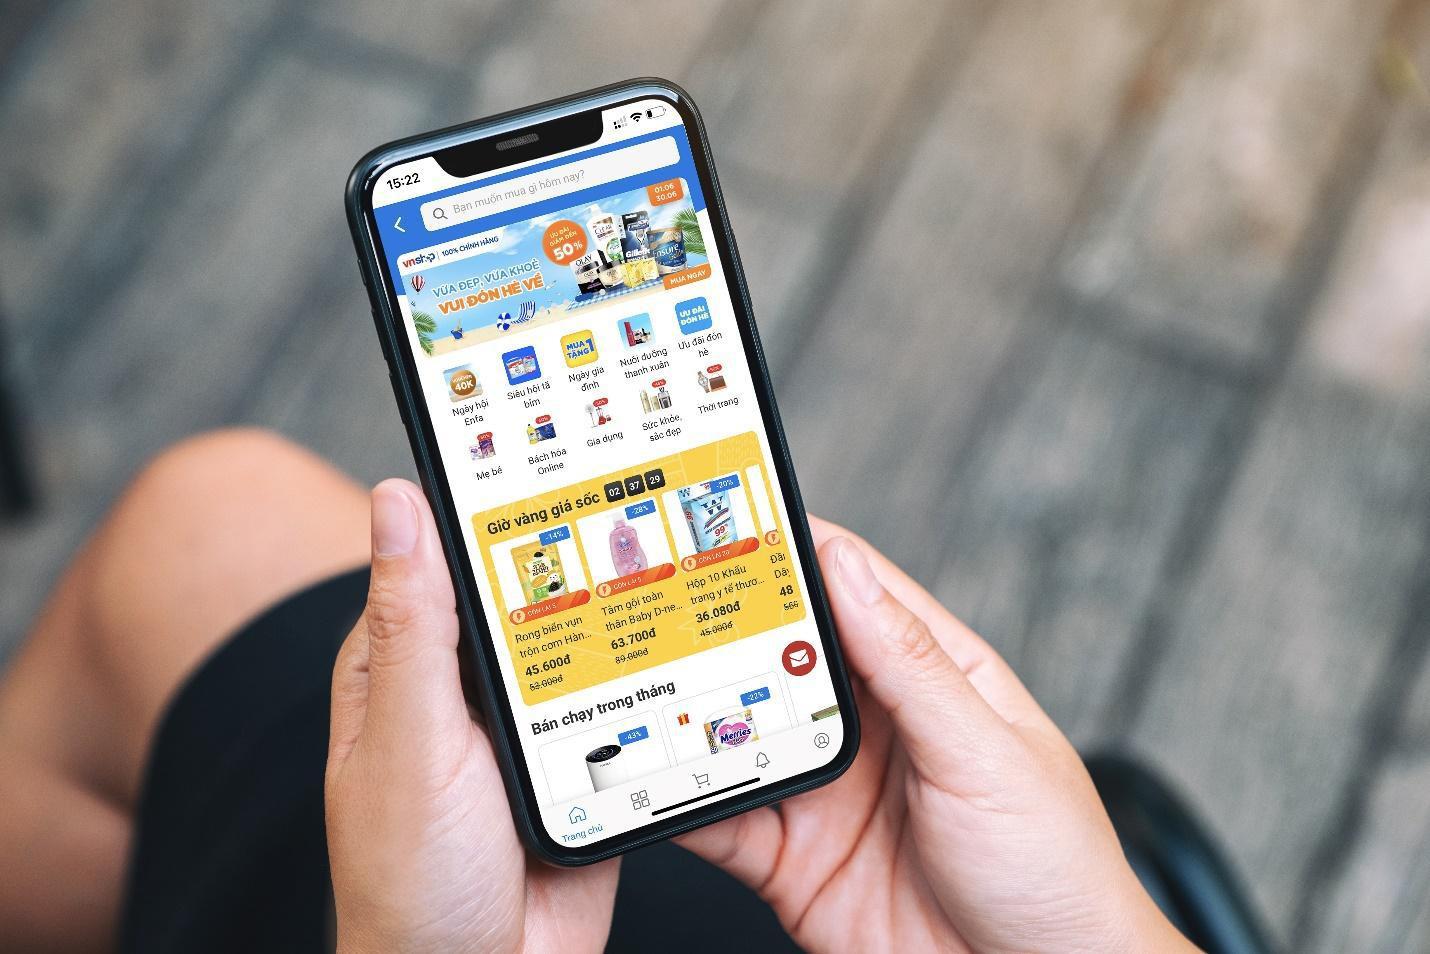 Sale hết tháng 7, hội shopping đừng quên ghé VnShop, mua sắm an toàn lại không bỏ lỡ deal cực hot - Ảnh 2.